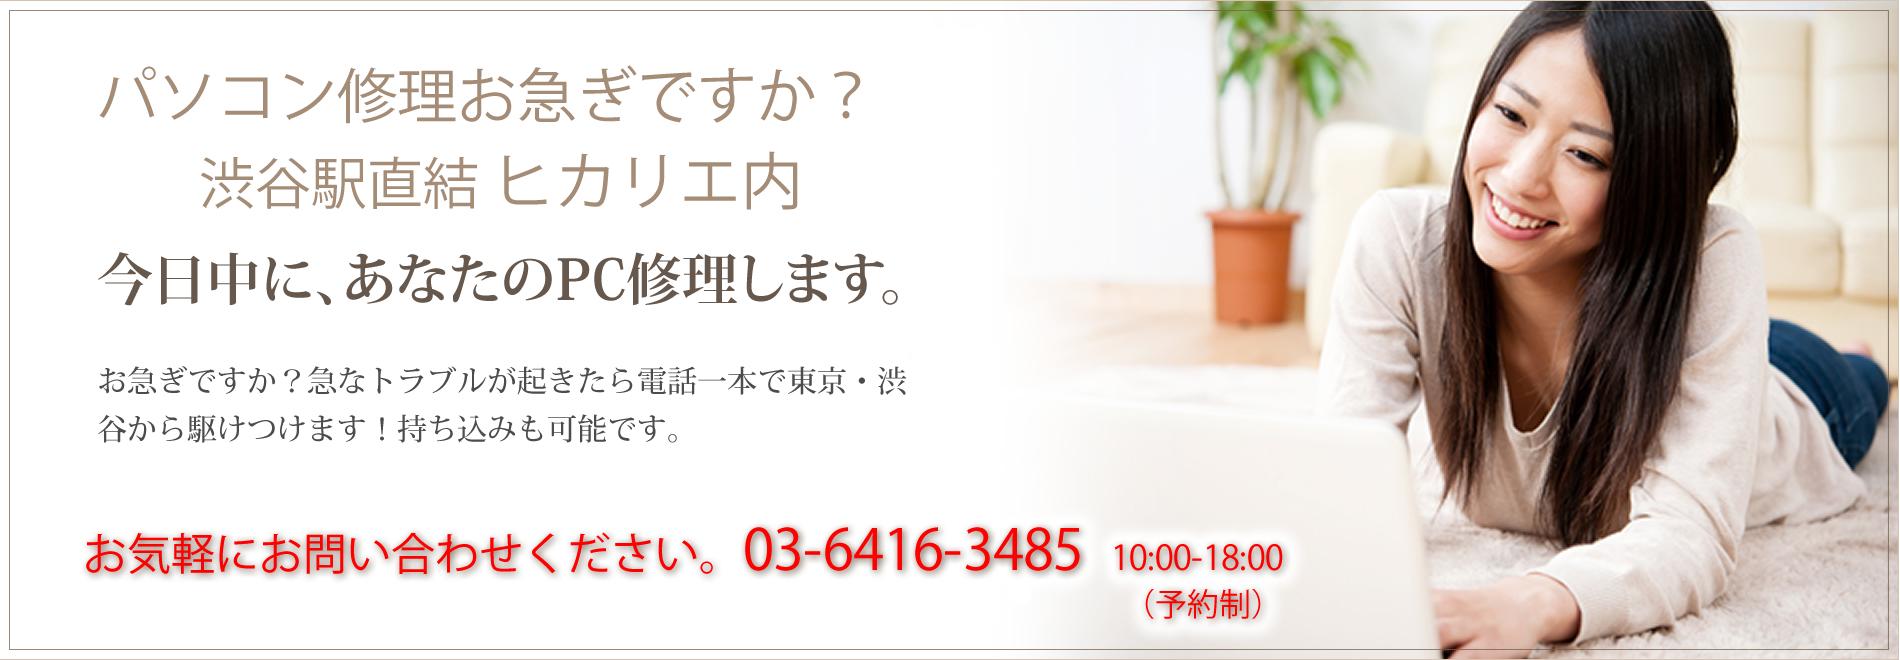 ポケットビジョンのMac・パソコンサポート【渋谷ヒカリエ受付】